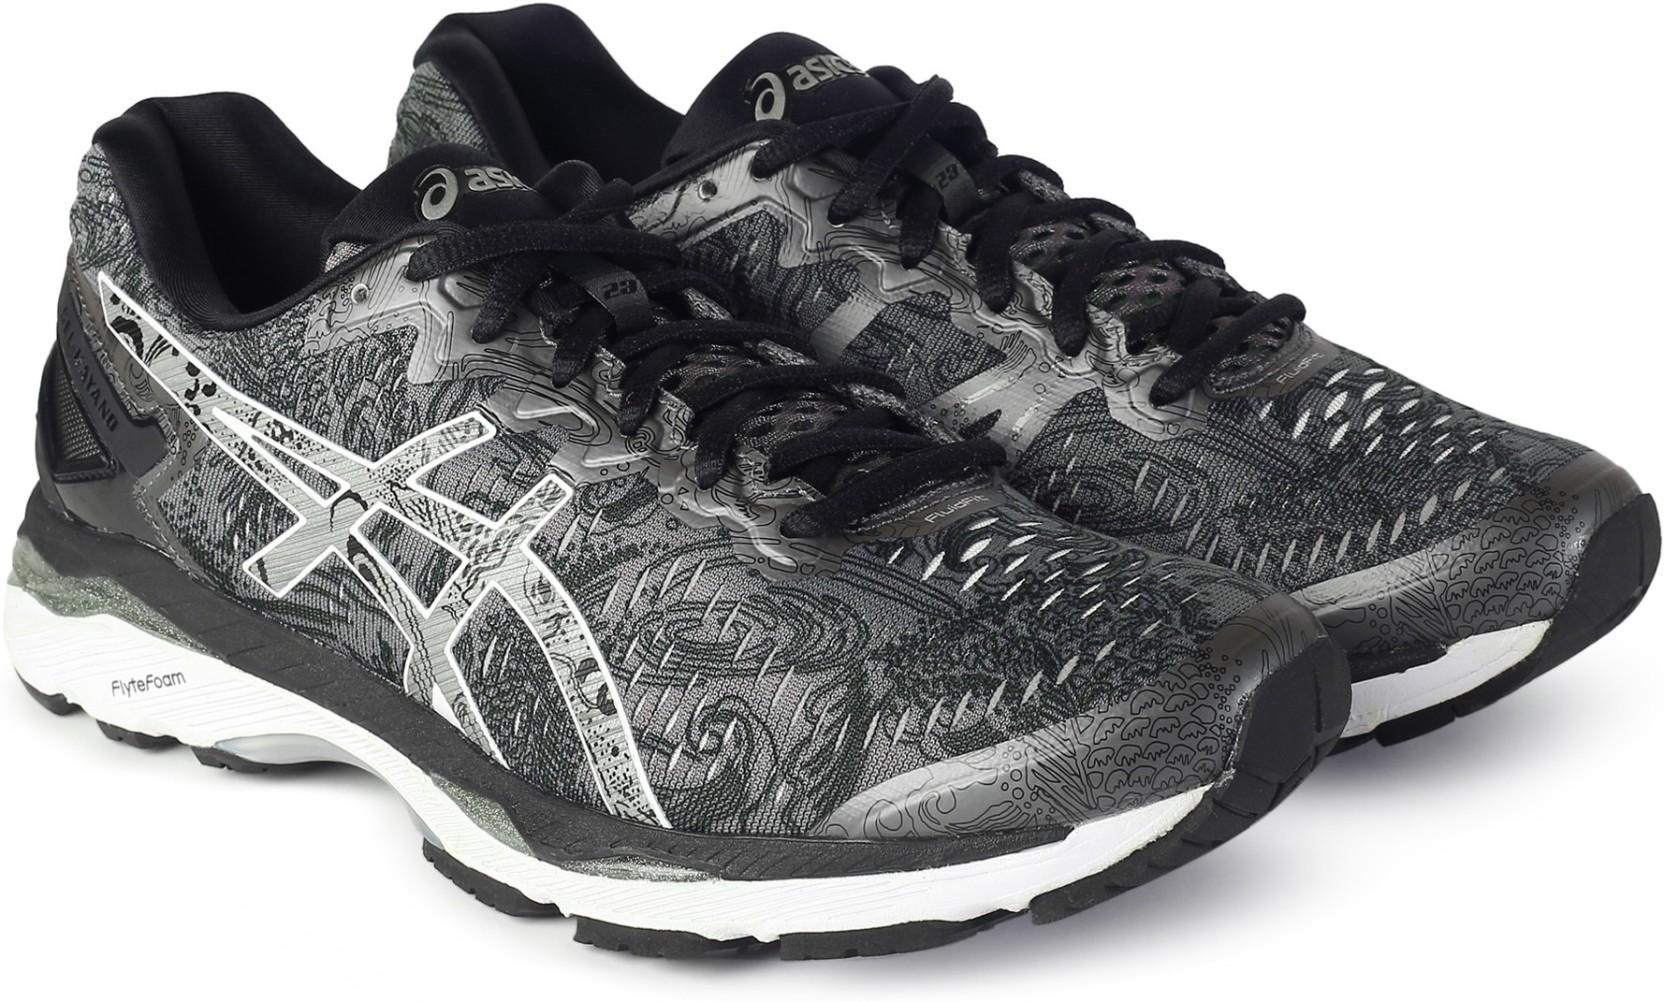 0ca27c45582d Asics GEL - KAYANO 23 LITE SHOW Running Shoes For Men - Buy CBN SIL ...